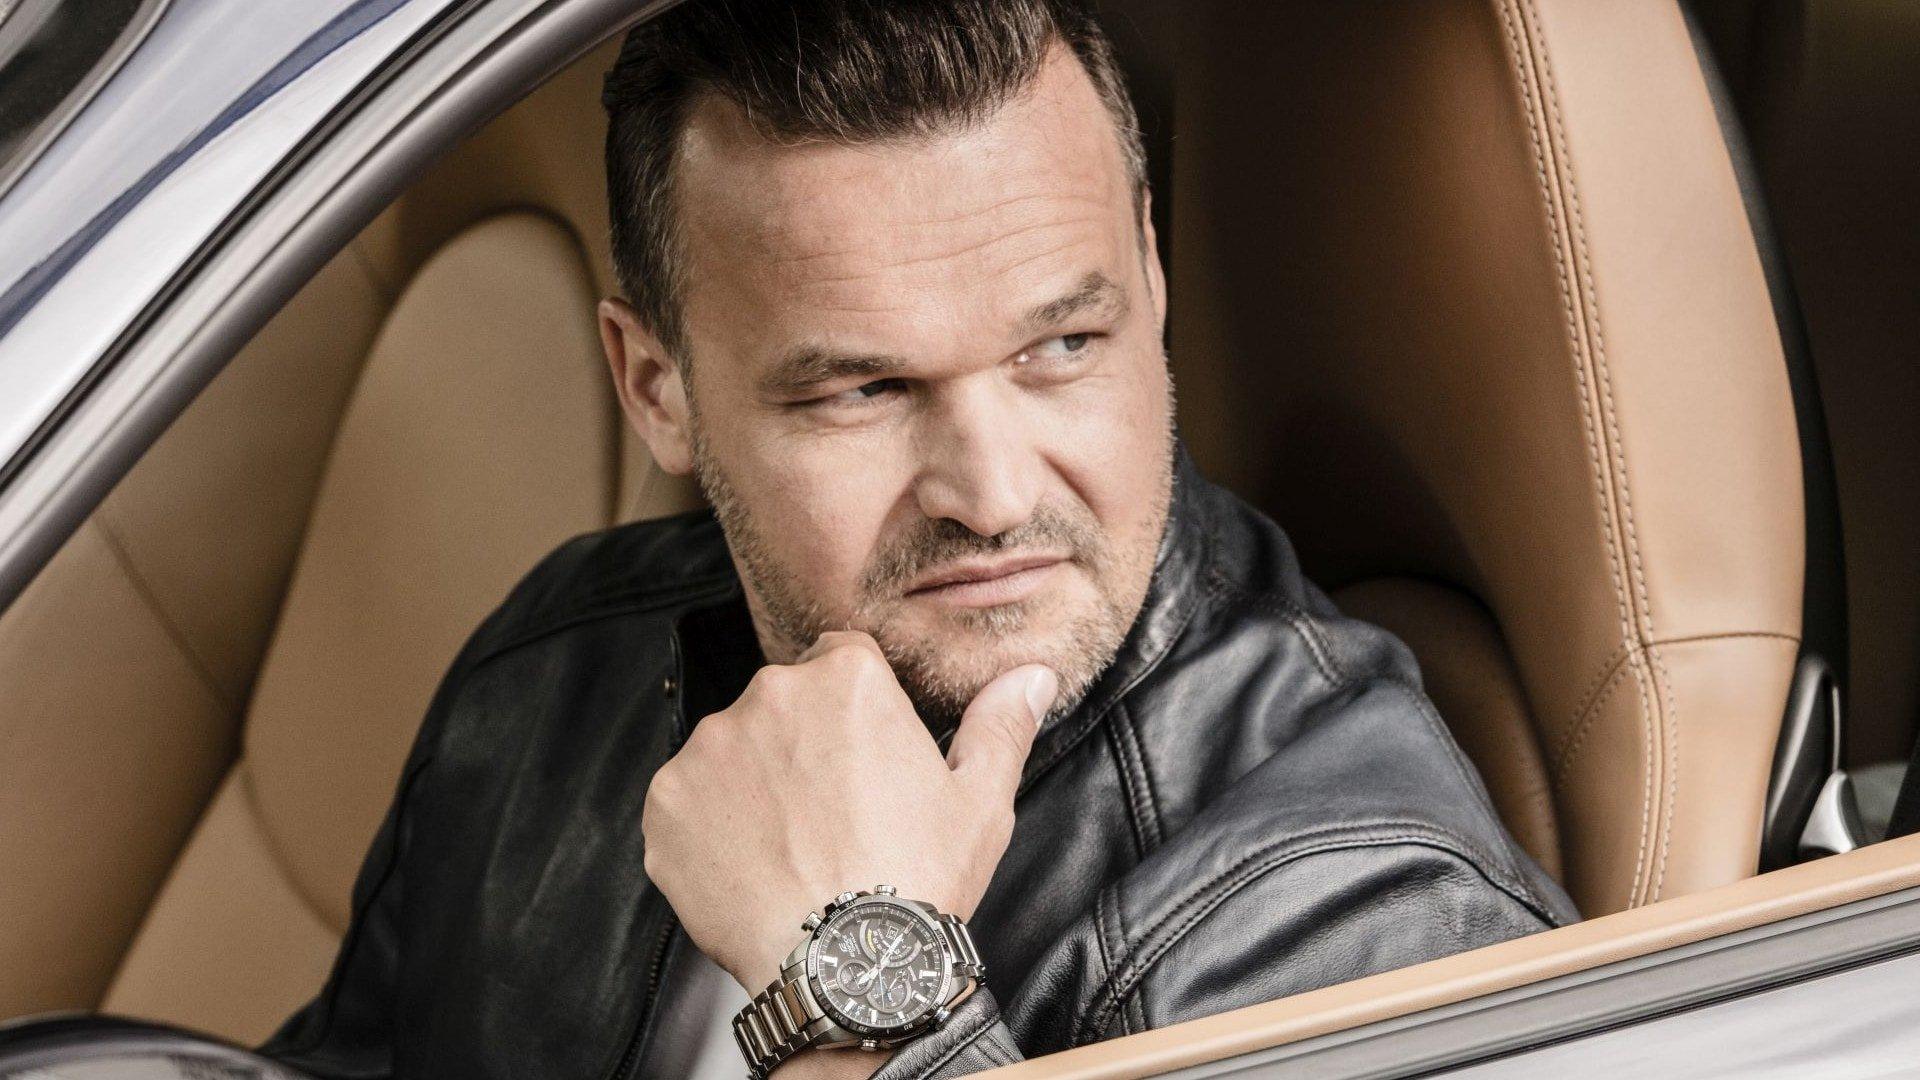 Luksusowy, męski zegarek Casio Edifice EQB-501XDB-1AER Premium na srebrnej, stalowej bransolecie i kopercie z analogową tarczą oraz subtarczami. Zegarek posiada funkcję pomiaru prędkości.